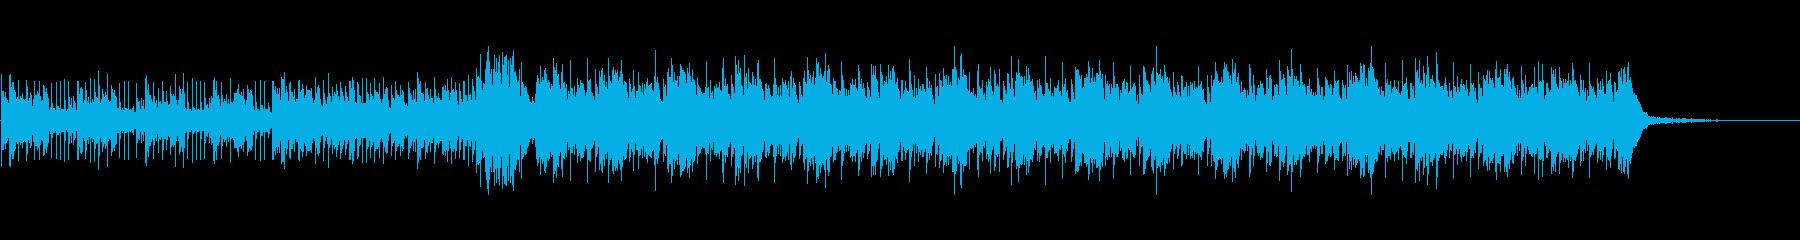 高音質♪企業PV向けテクノポップBGMの再生済みの波形